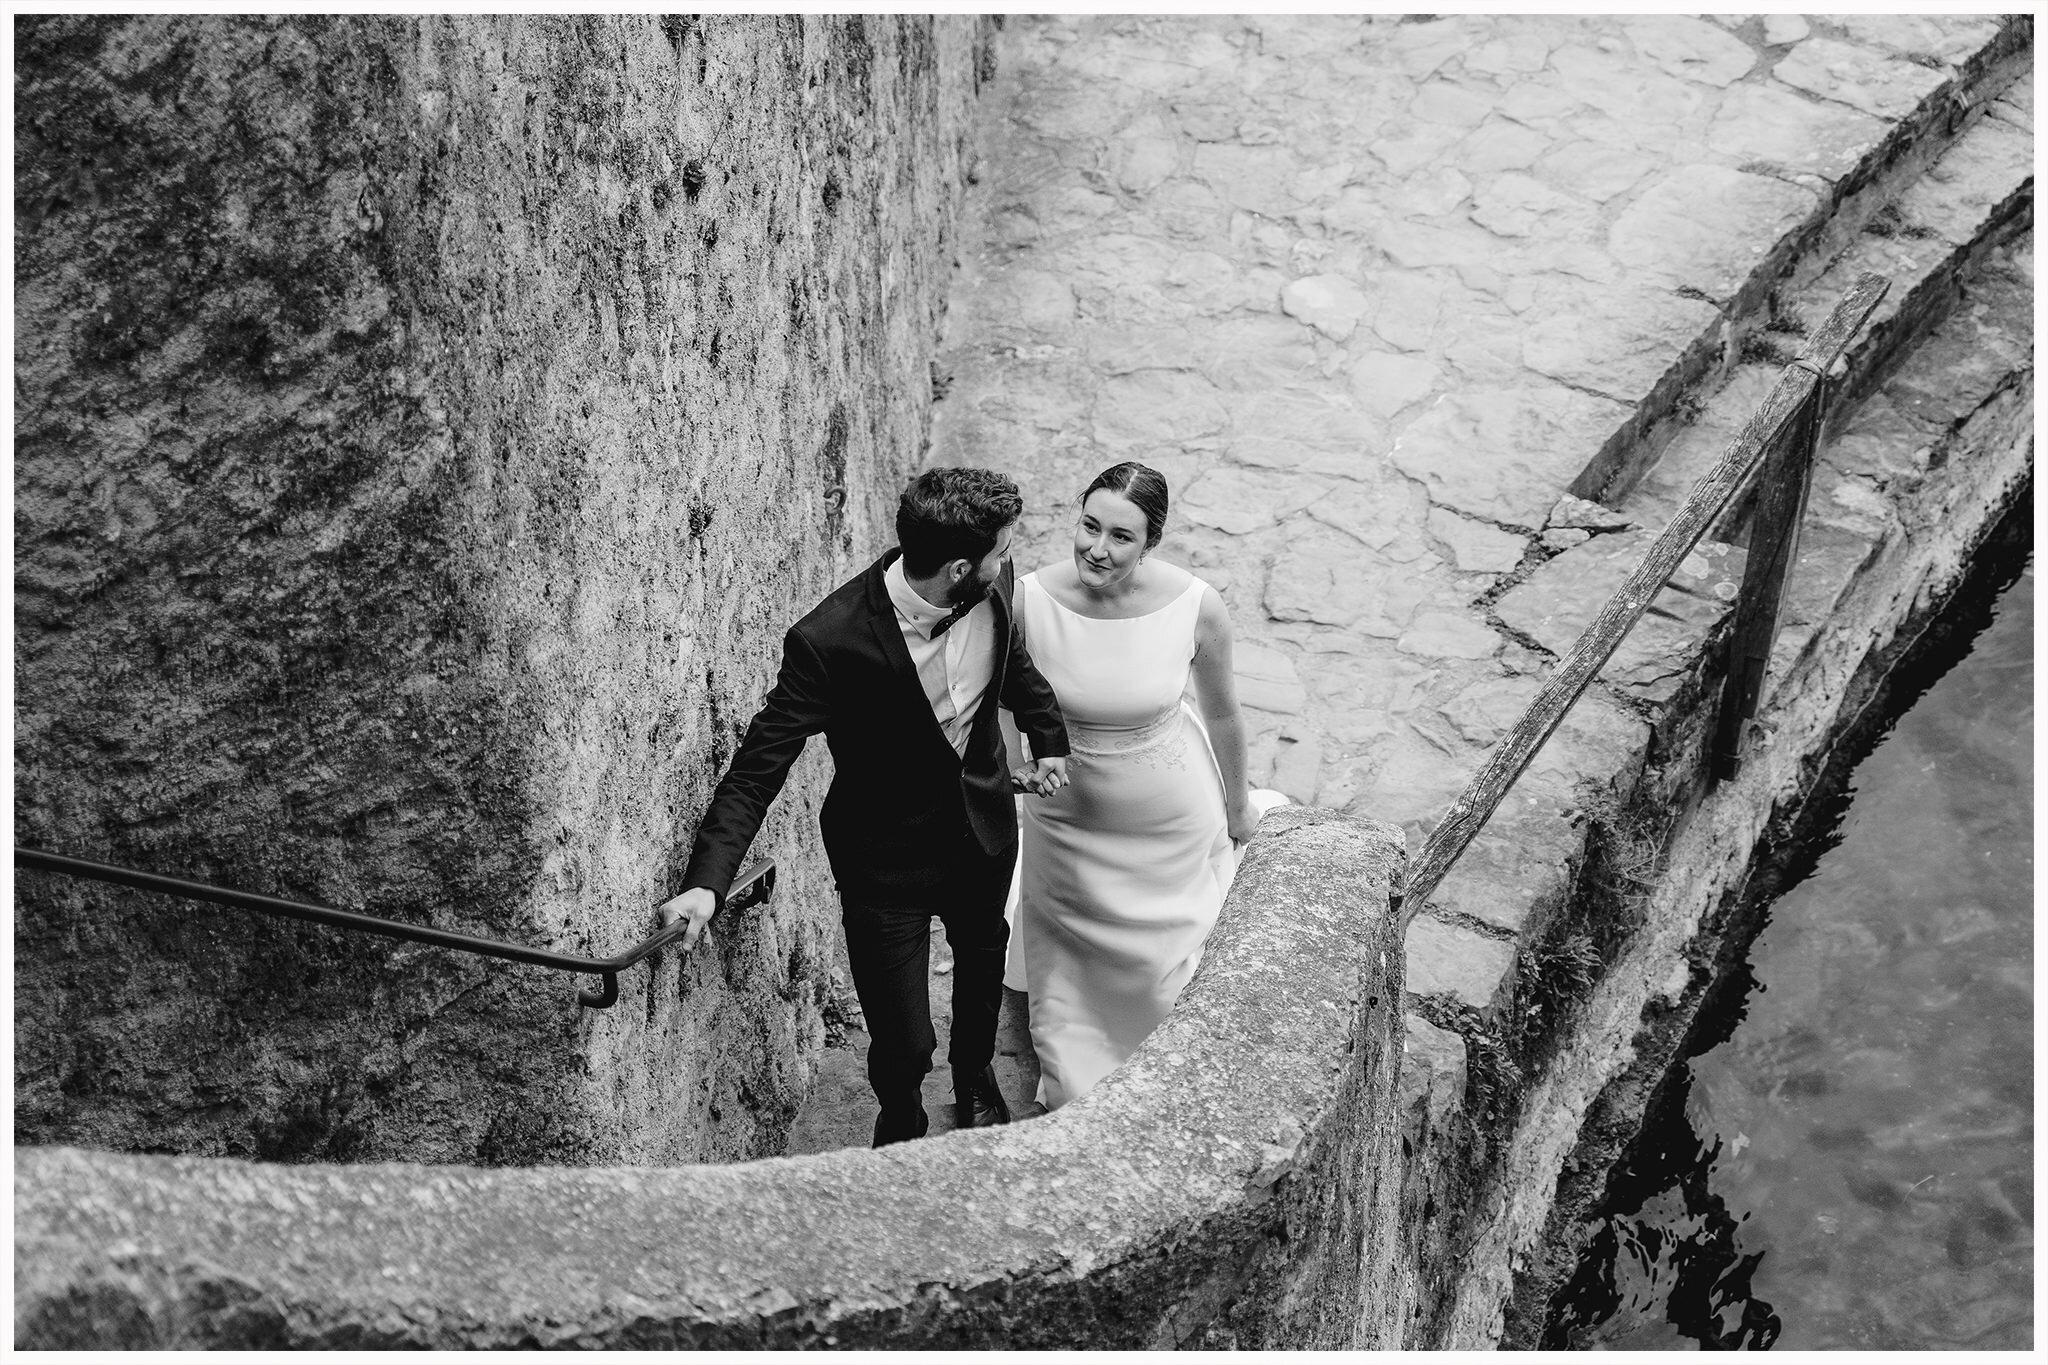 dreamsaanddreamers.com-fotograf-nunta-romania-13.jpg